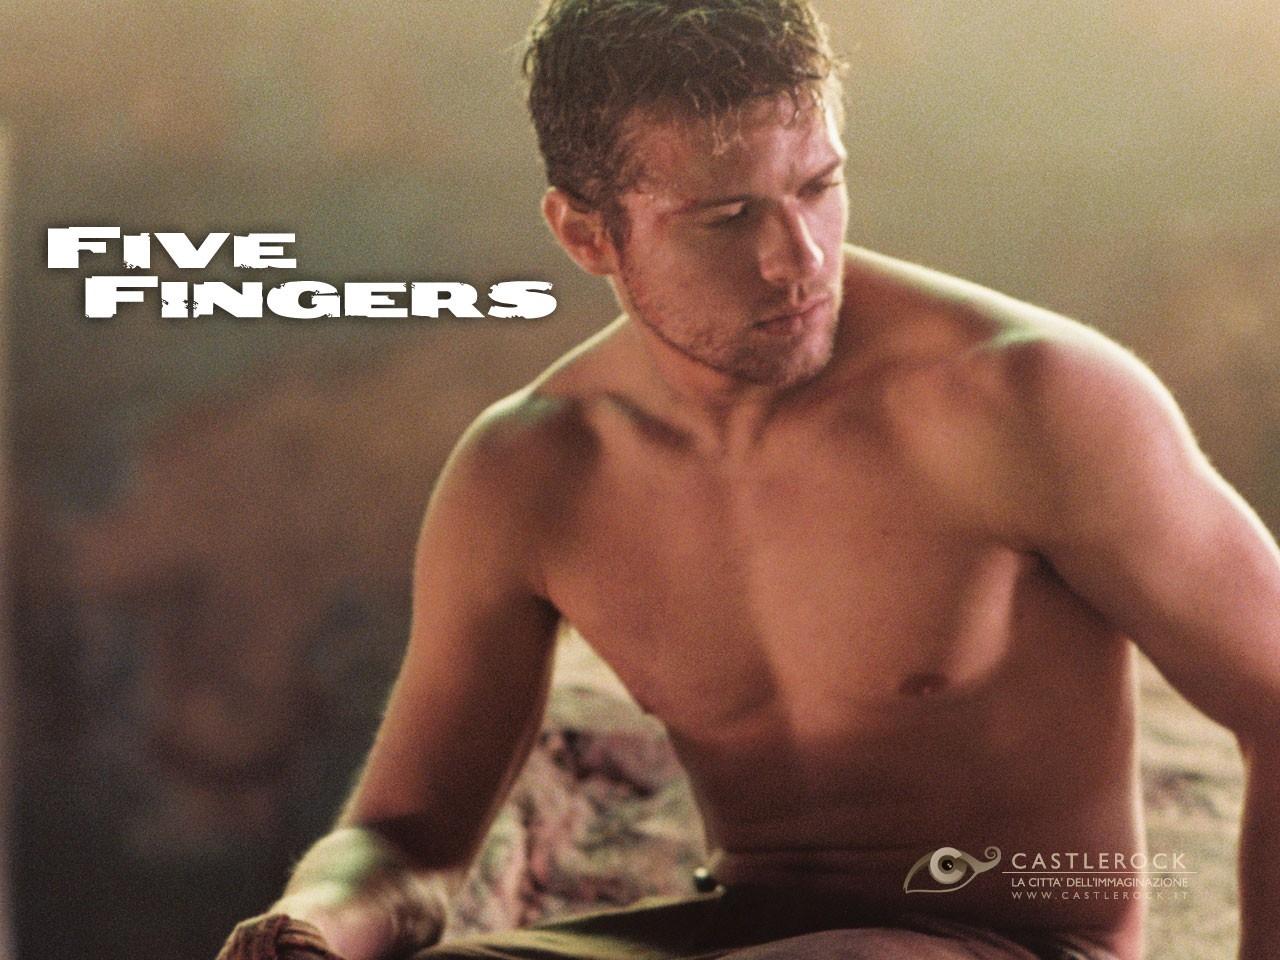 Wallpaper di un sexy Ryan Phillippe nel film Five Fingers - Gioco Mortale